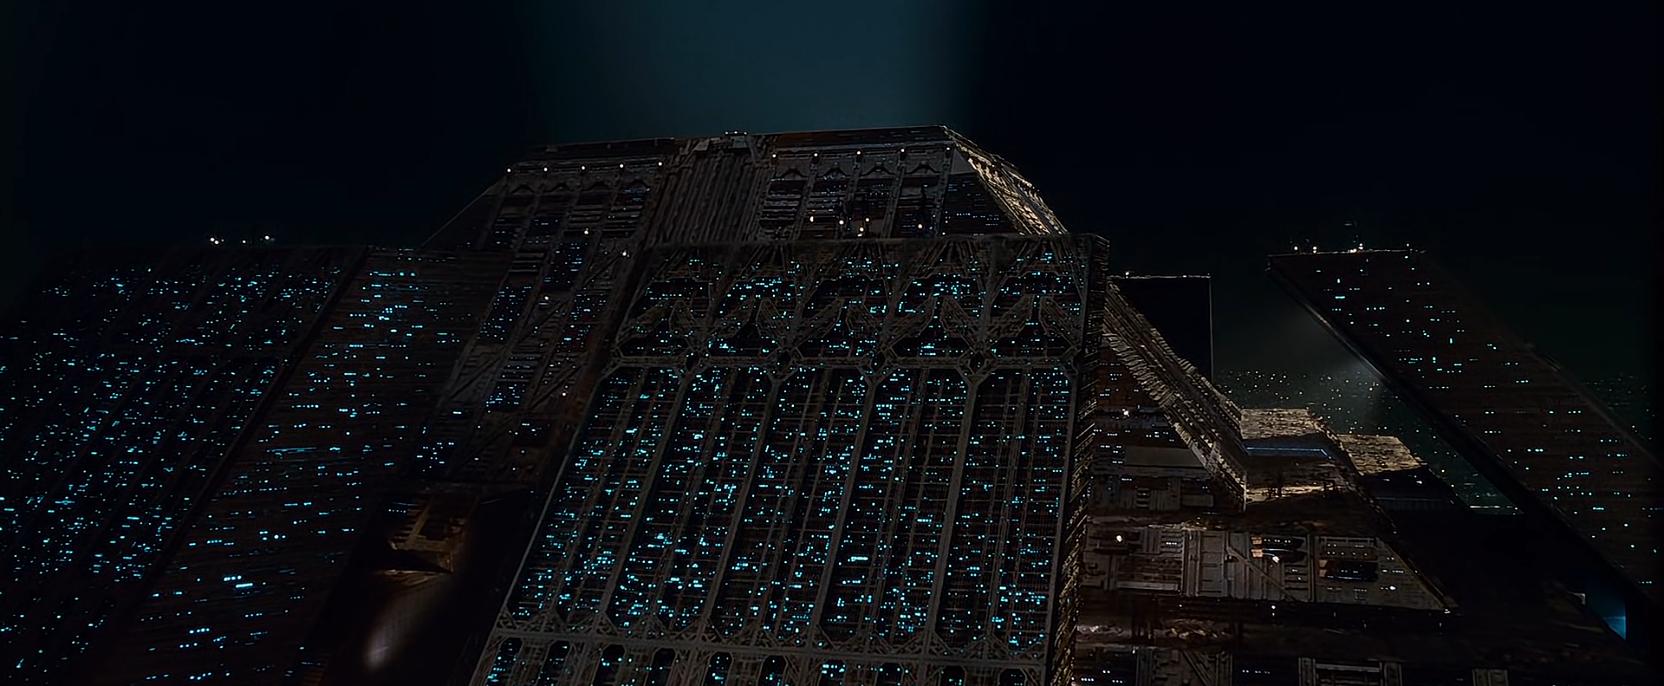 Tyrell Pyramid Blade Runner